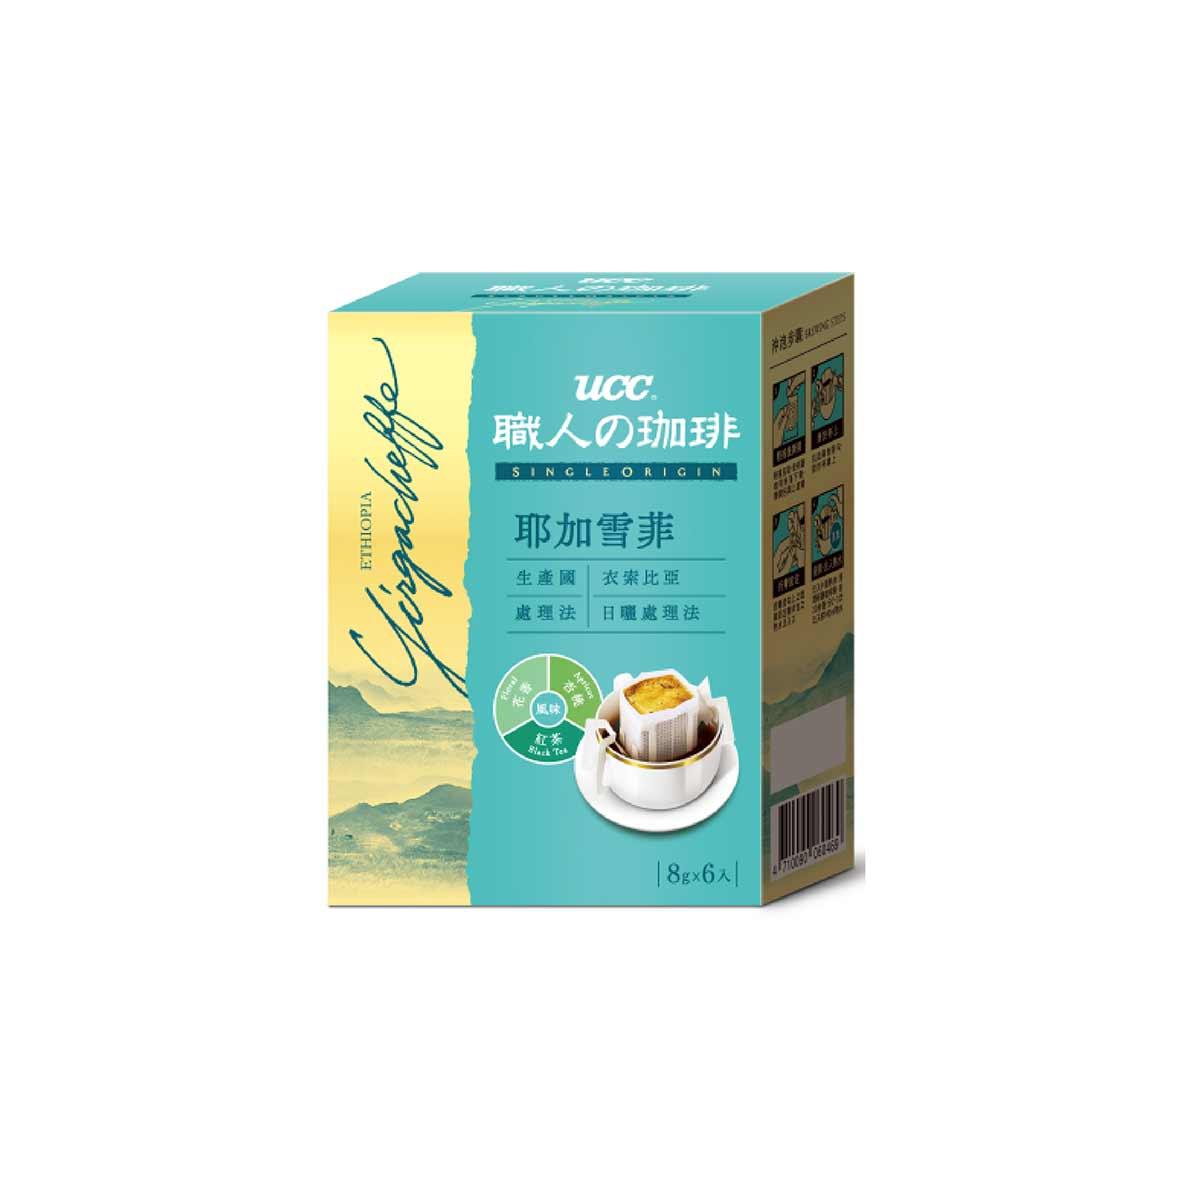 UCC 產地嚴選耶加雪菲濾掛式咖啡